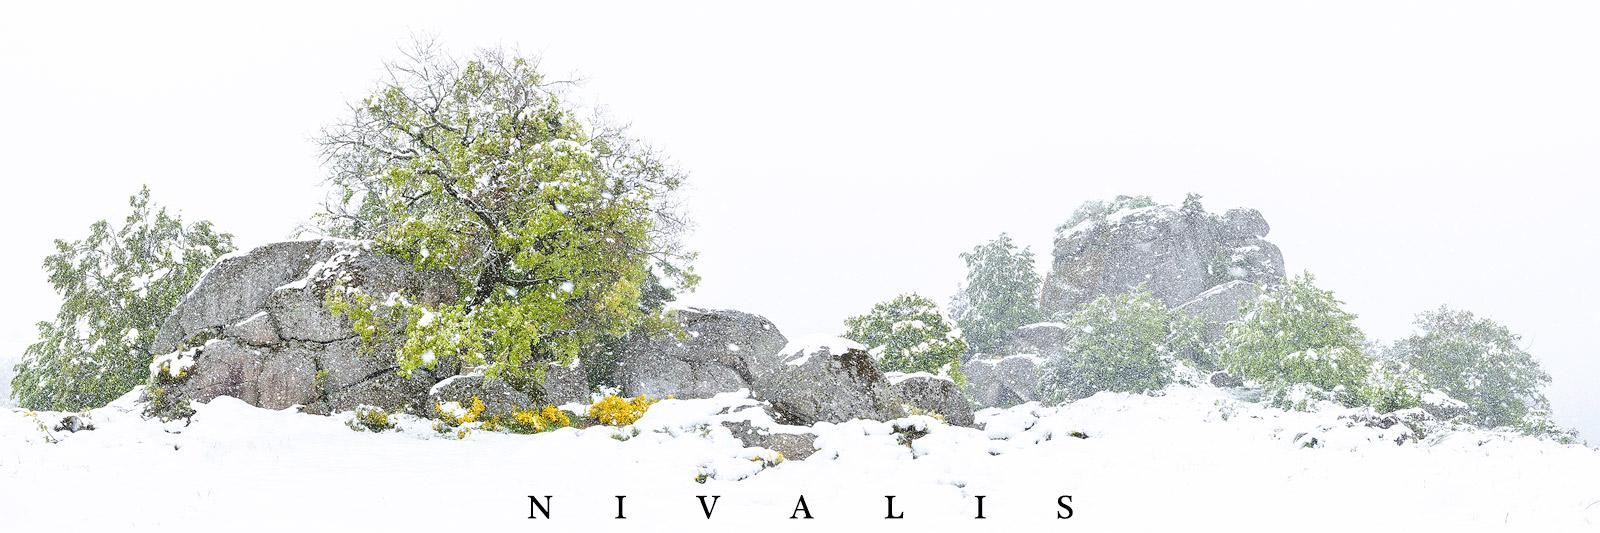 exposition photo paysage auvergne nivalis jérémie mazet